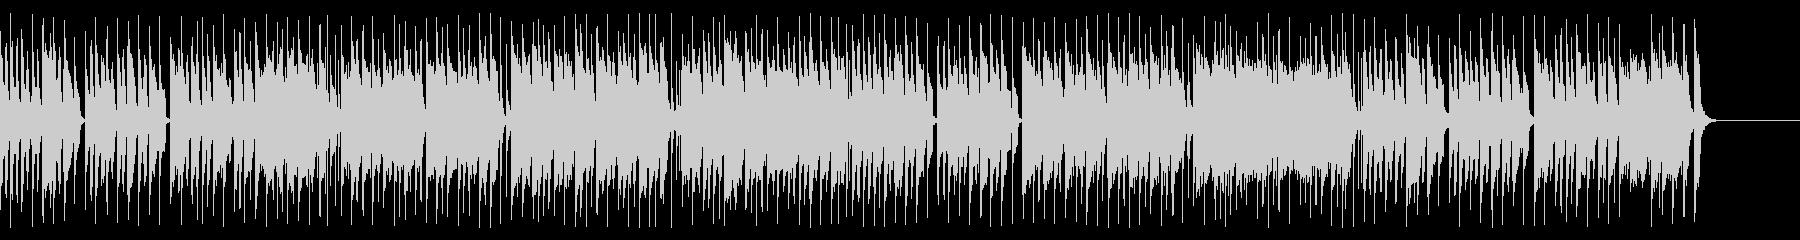 チェンバロとシンセのアップテンポな曲の未再生の波形